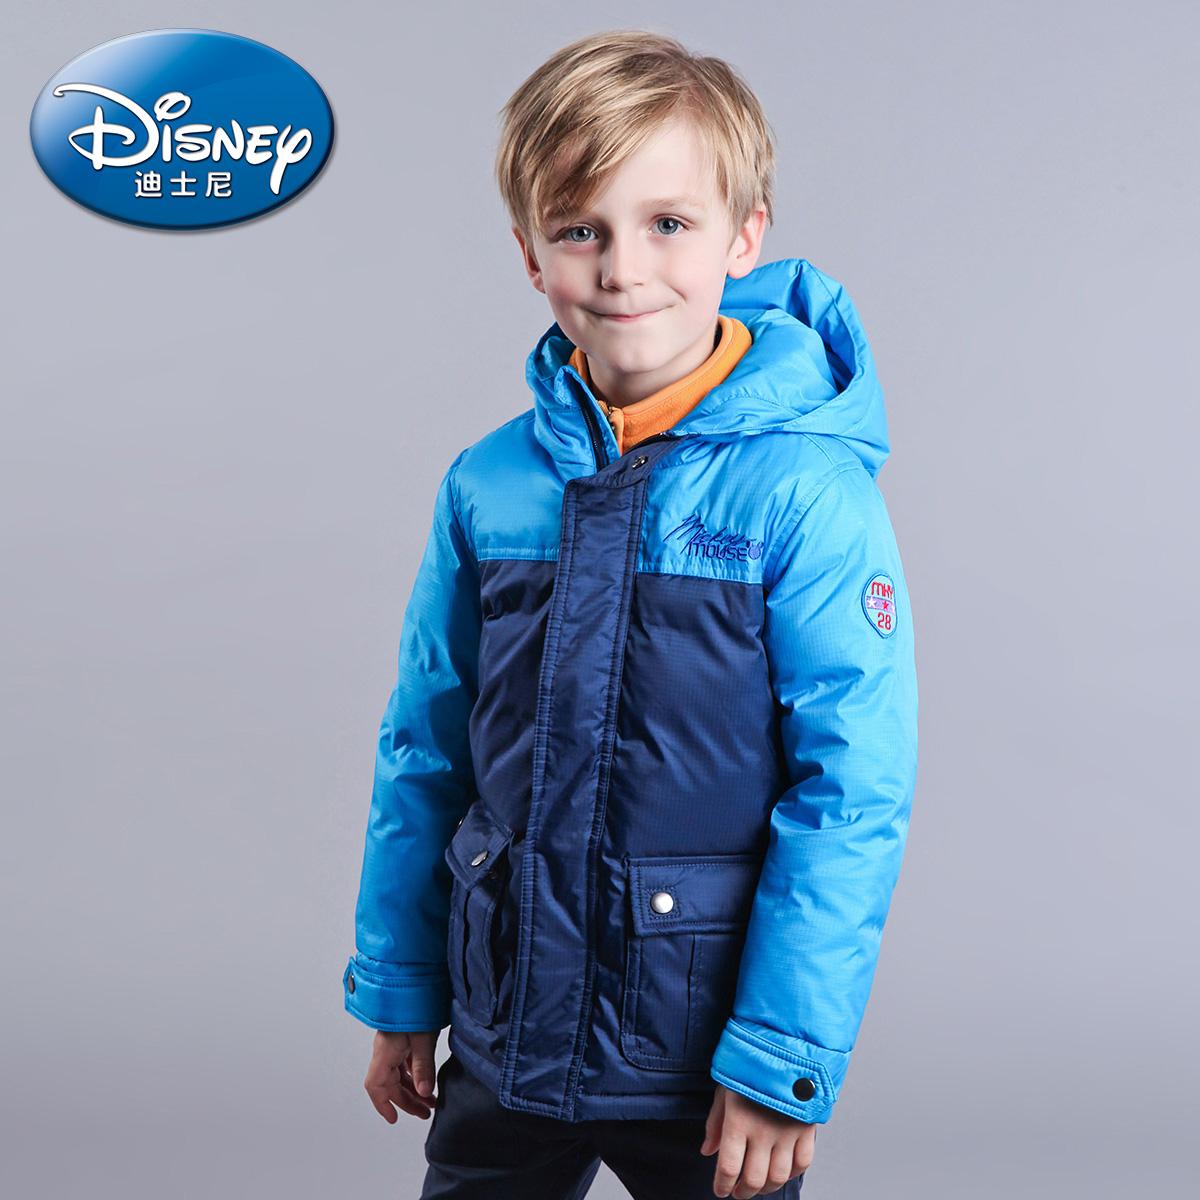 Disney Детская одежда Осень/Зима новая мода для мальчиков с вниз пальто длиной цвет мозаики движения в ЧАО